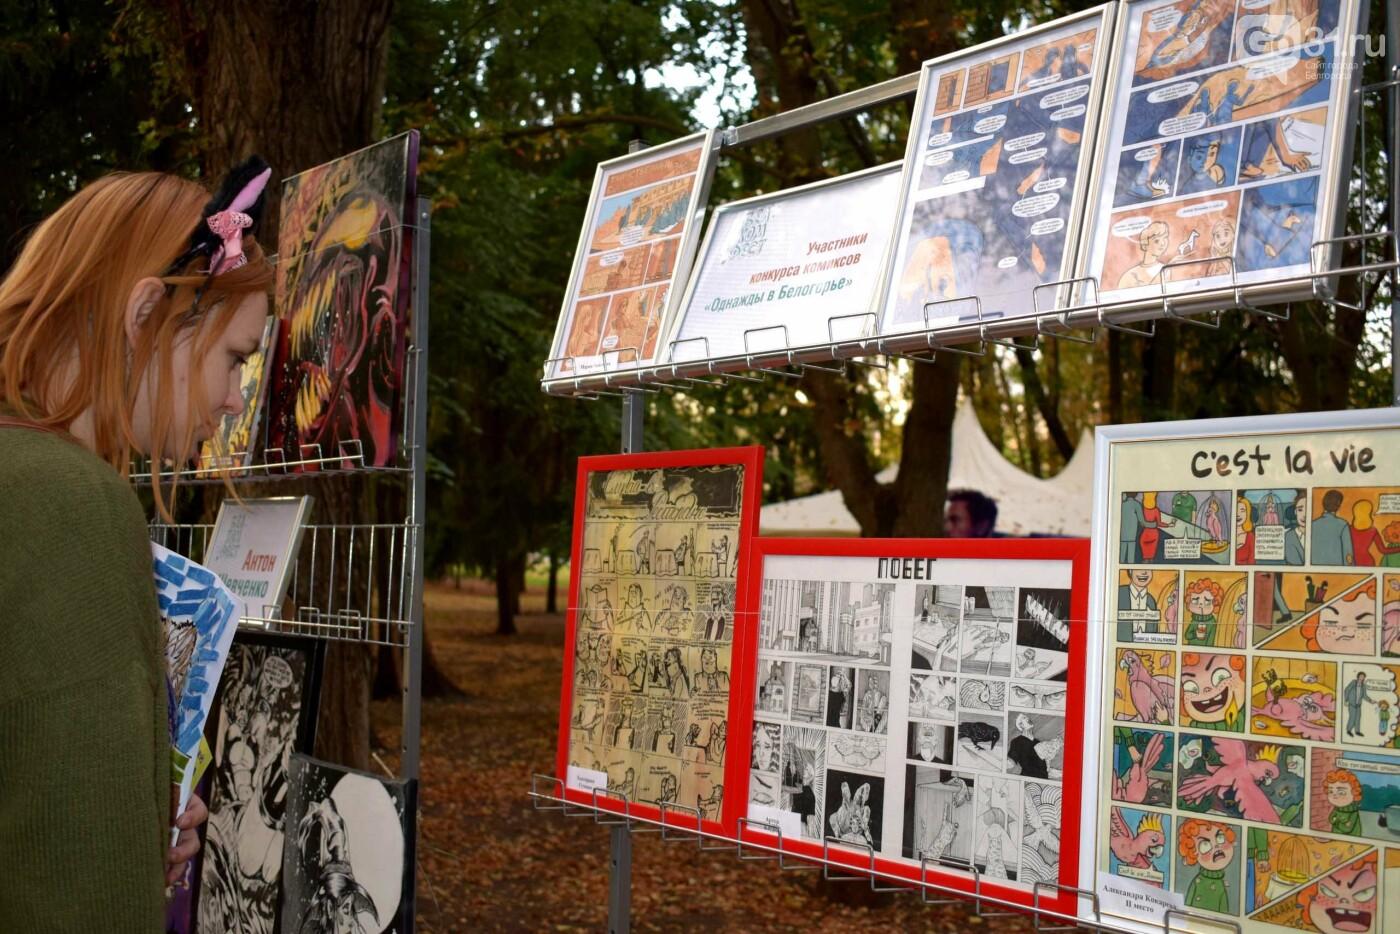 Комиксы, куклы, карильон. В Белгороде прошёл фестиваль «Я – в культуре. Культура – во мне», фото-3